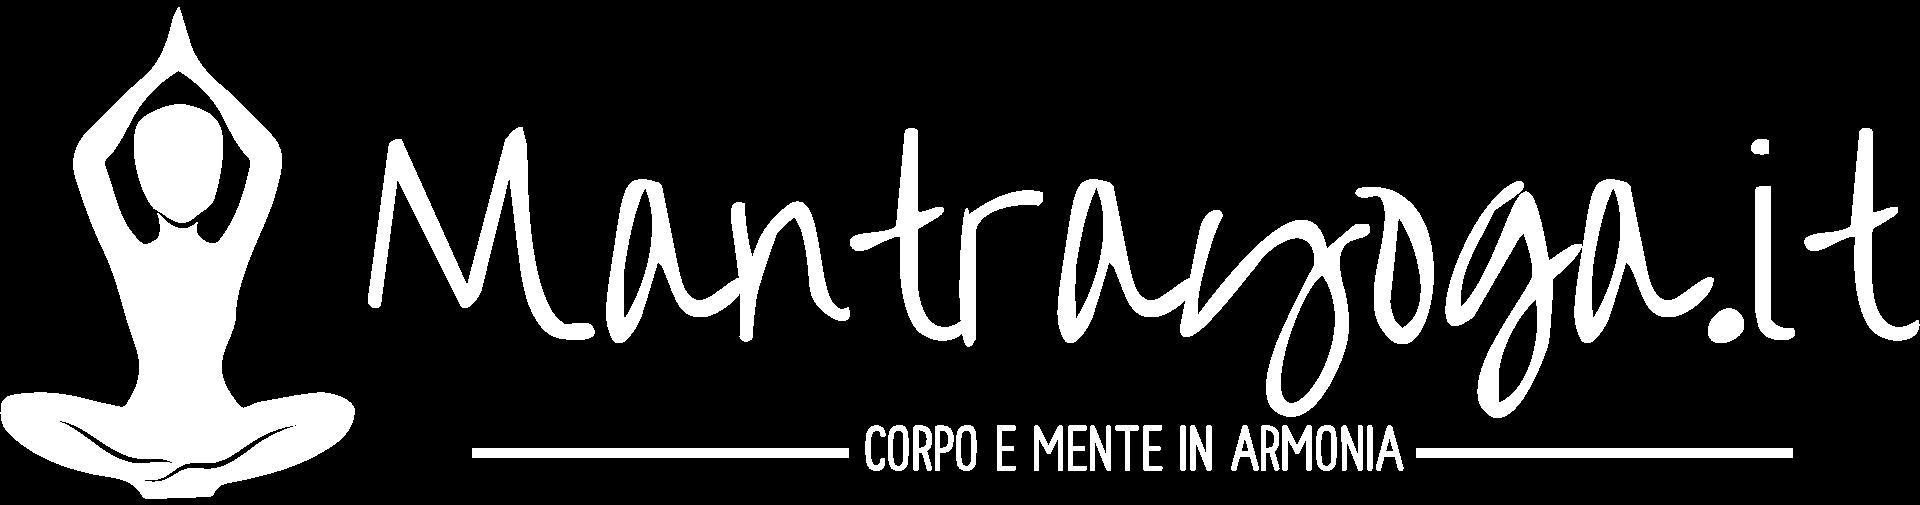 Mantrayoga.it - Corpo e mente in armonia